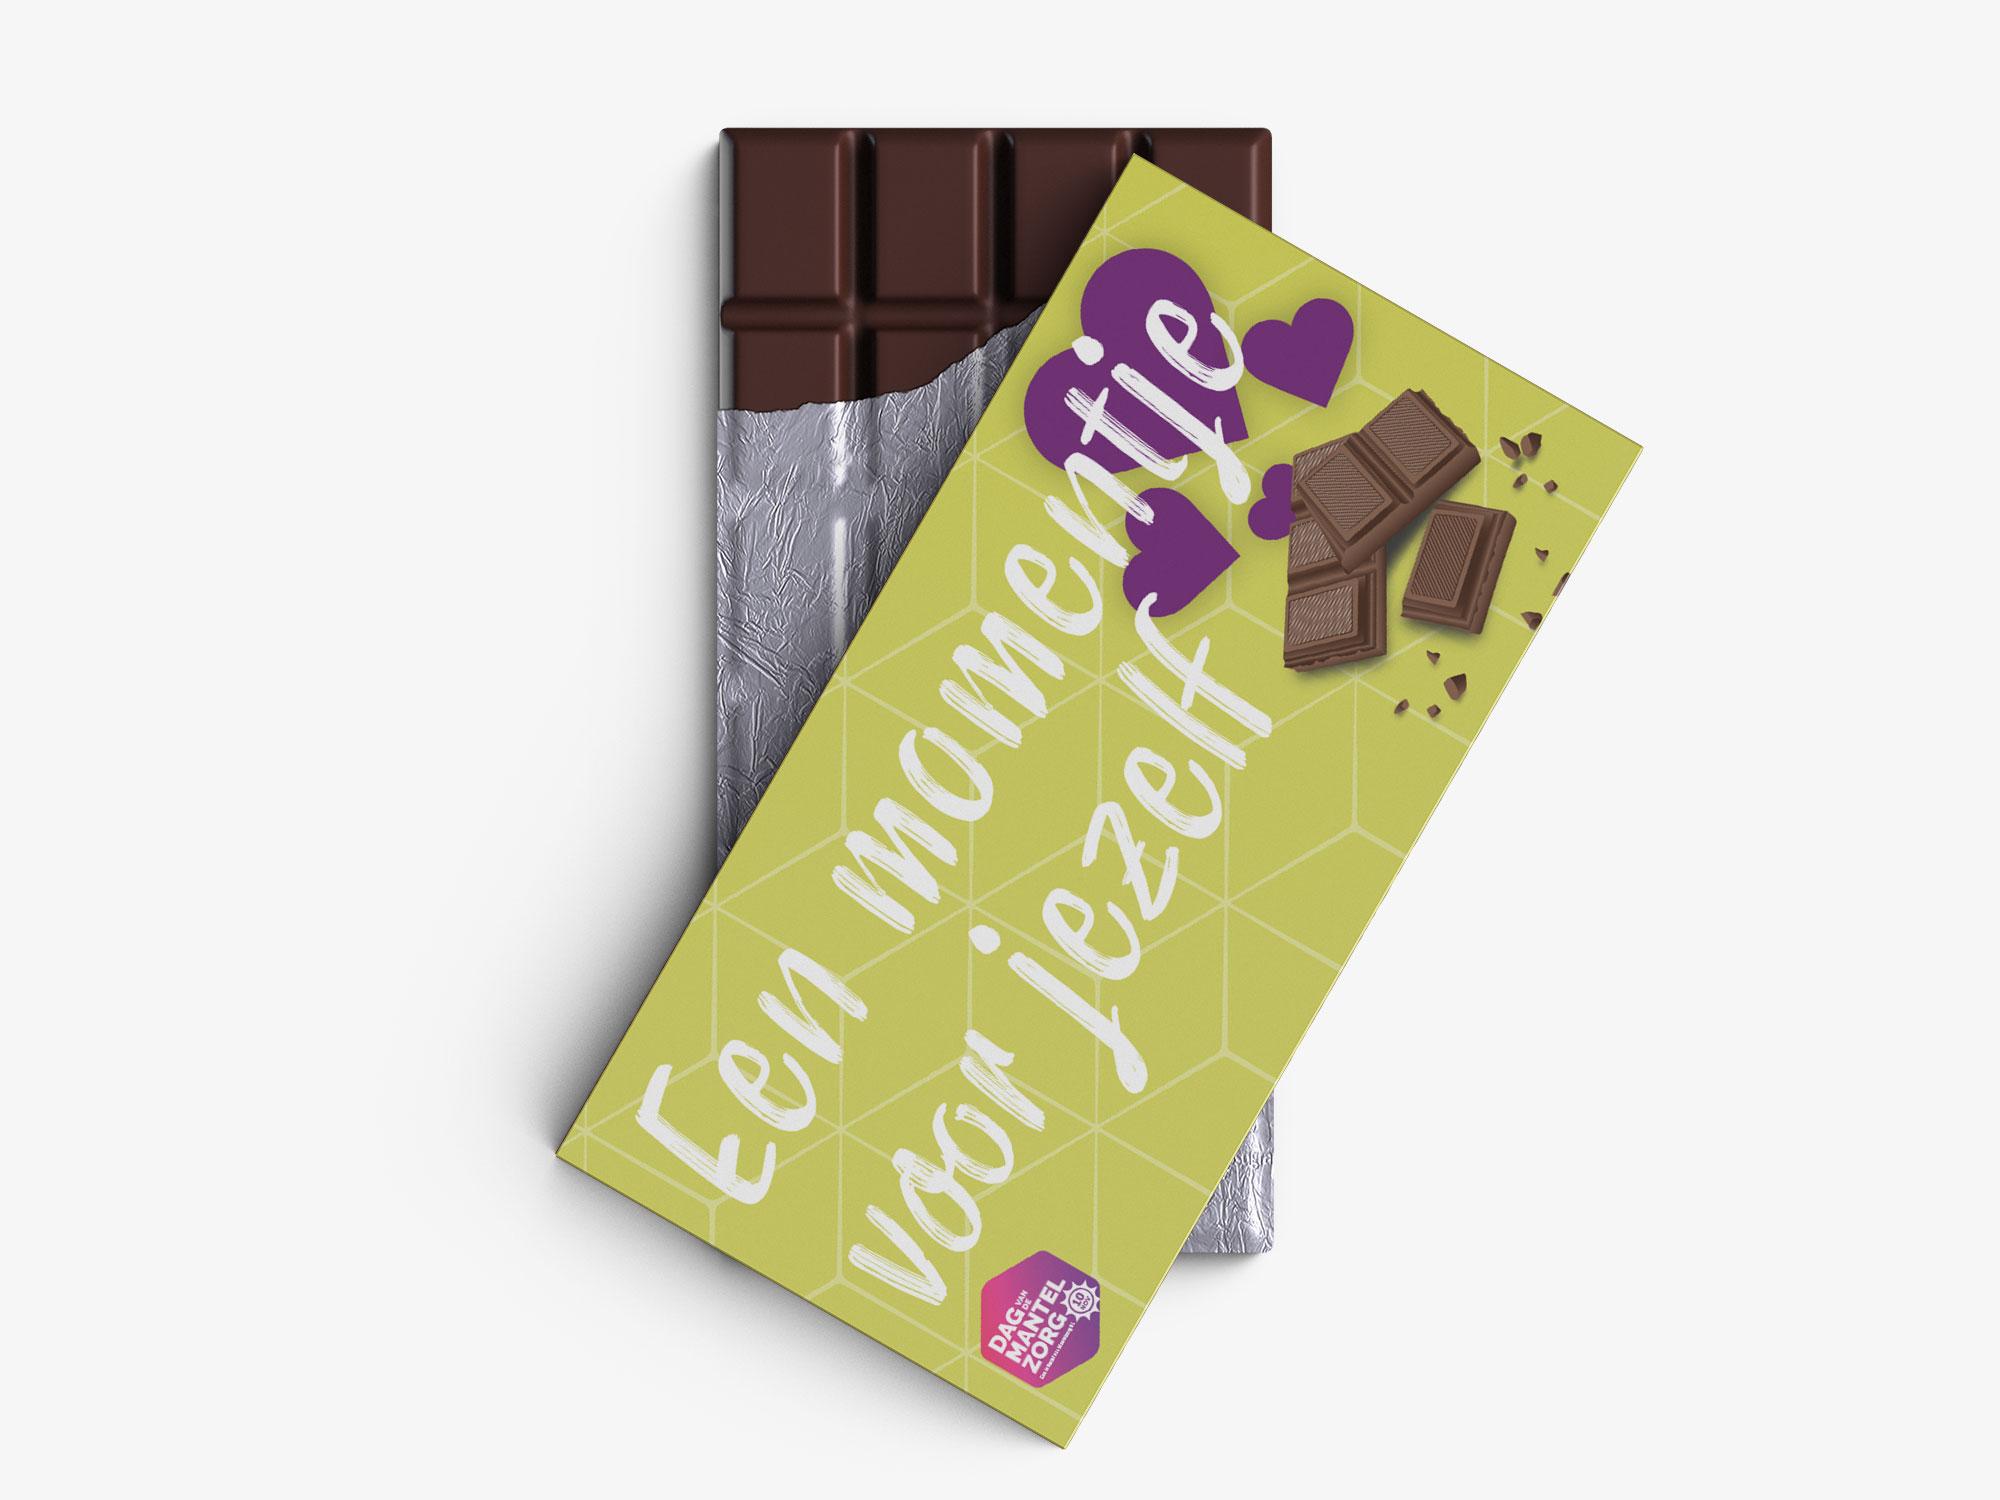 Ontwerp chocolade reep Dag van de Mantelzorg